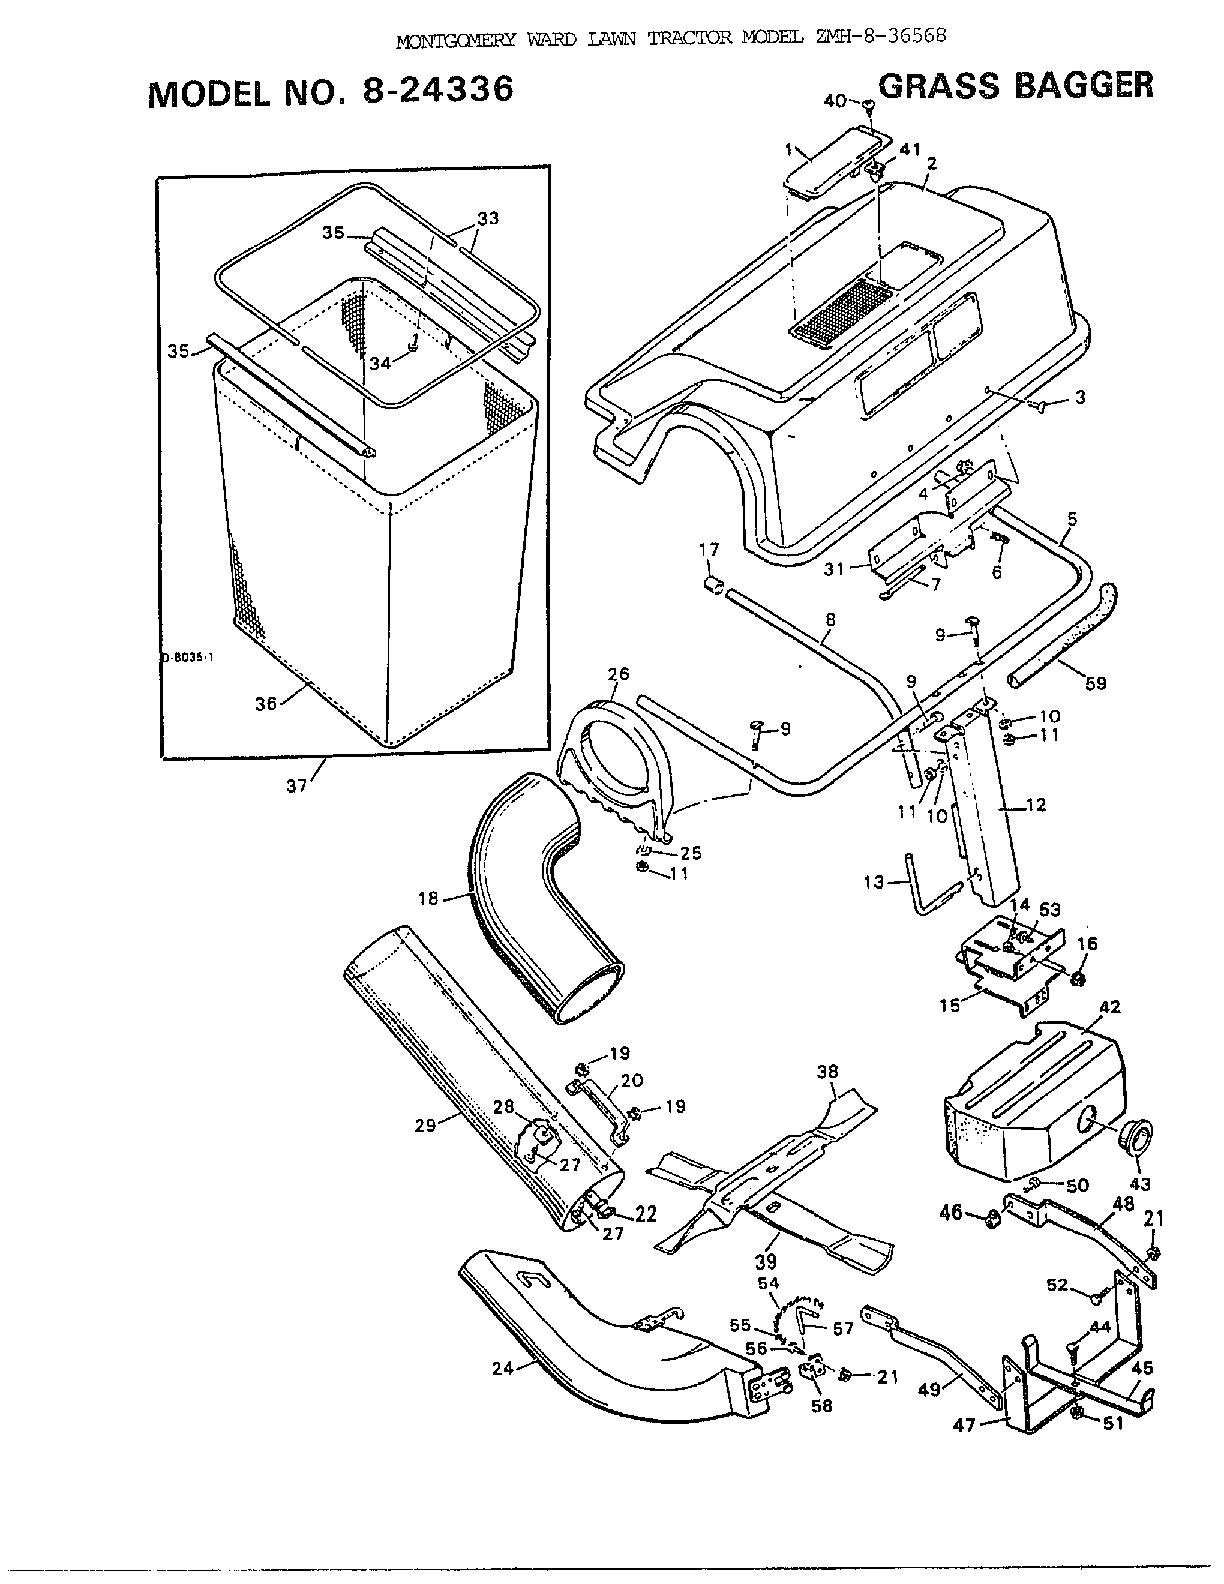 Murray model 8 36568 lawn tractor genuine parts wl000457 00011 1509200html small engine points diagram small engine points diagram